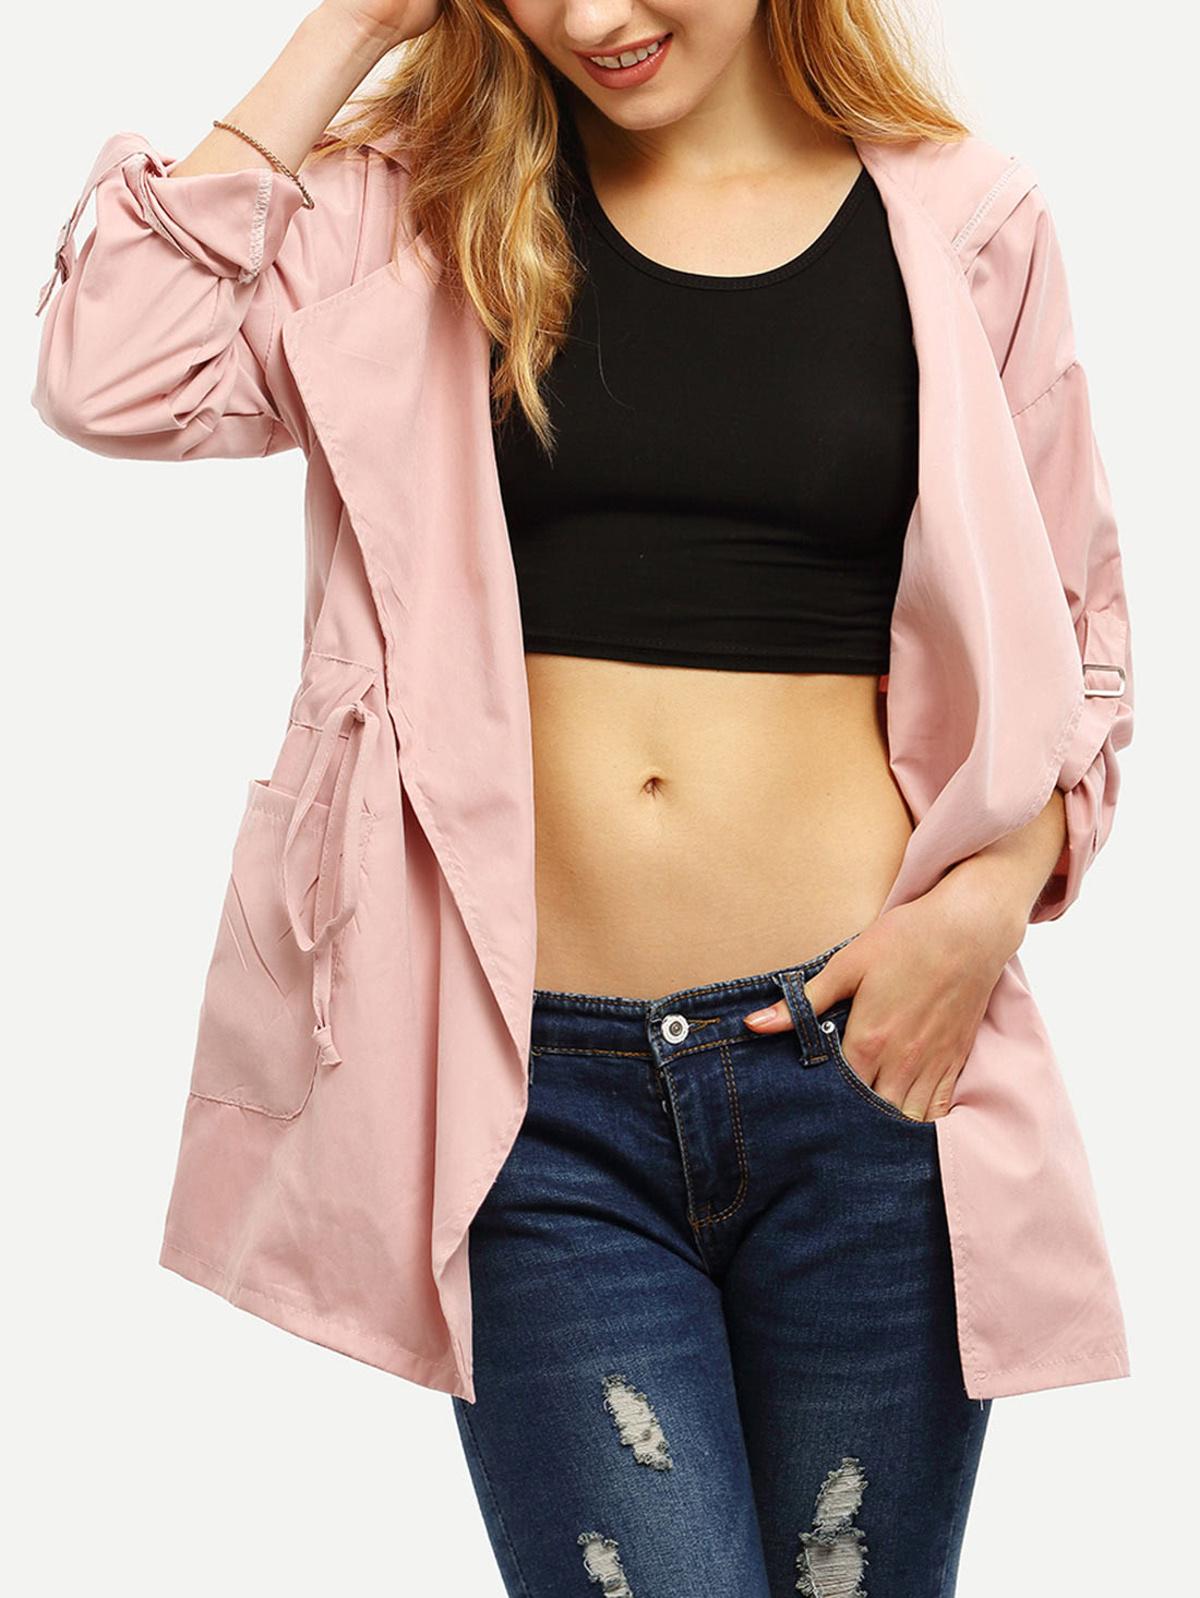 粉紅色 連帽 束帶 口袋 外套